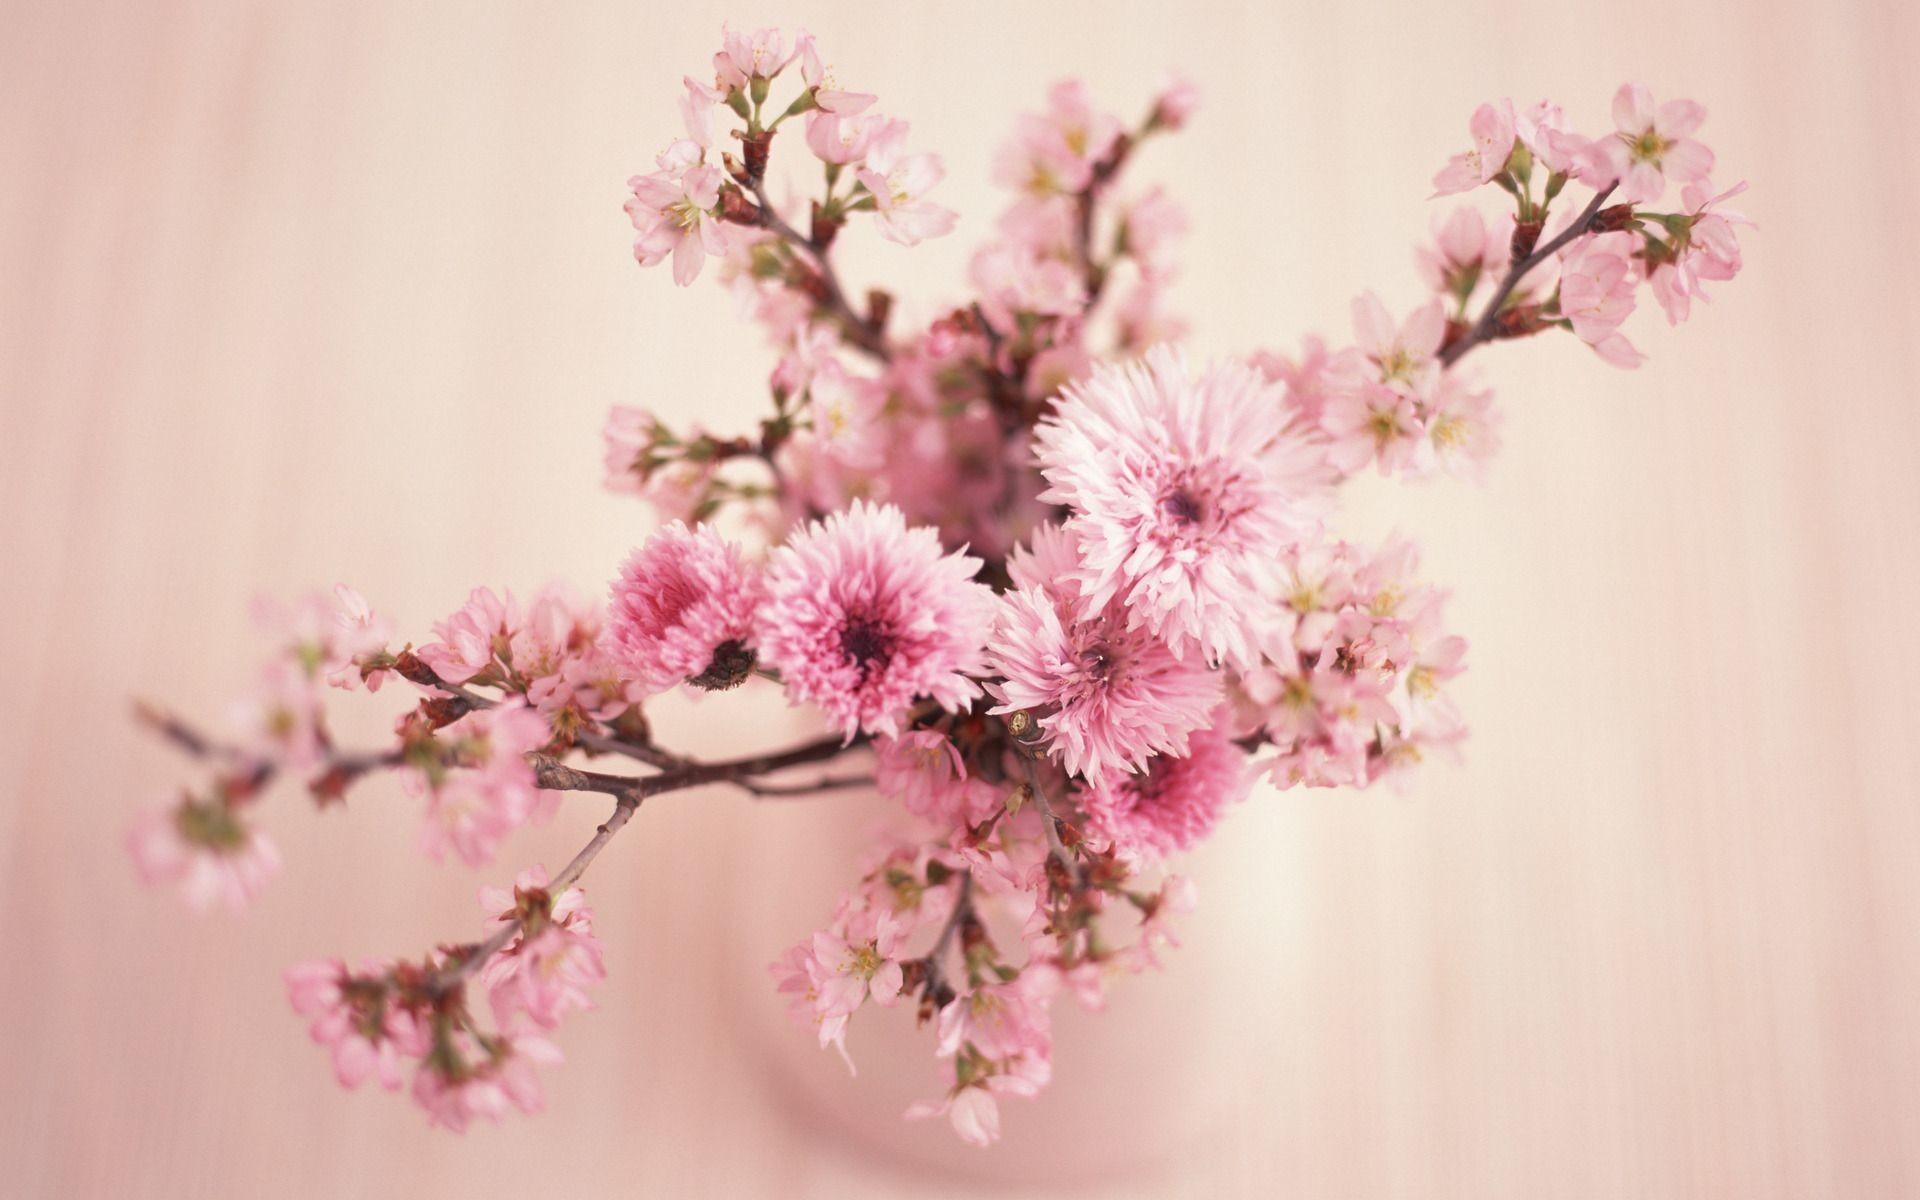 1080x1920 Flower Iphone Wallpaper